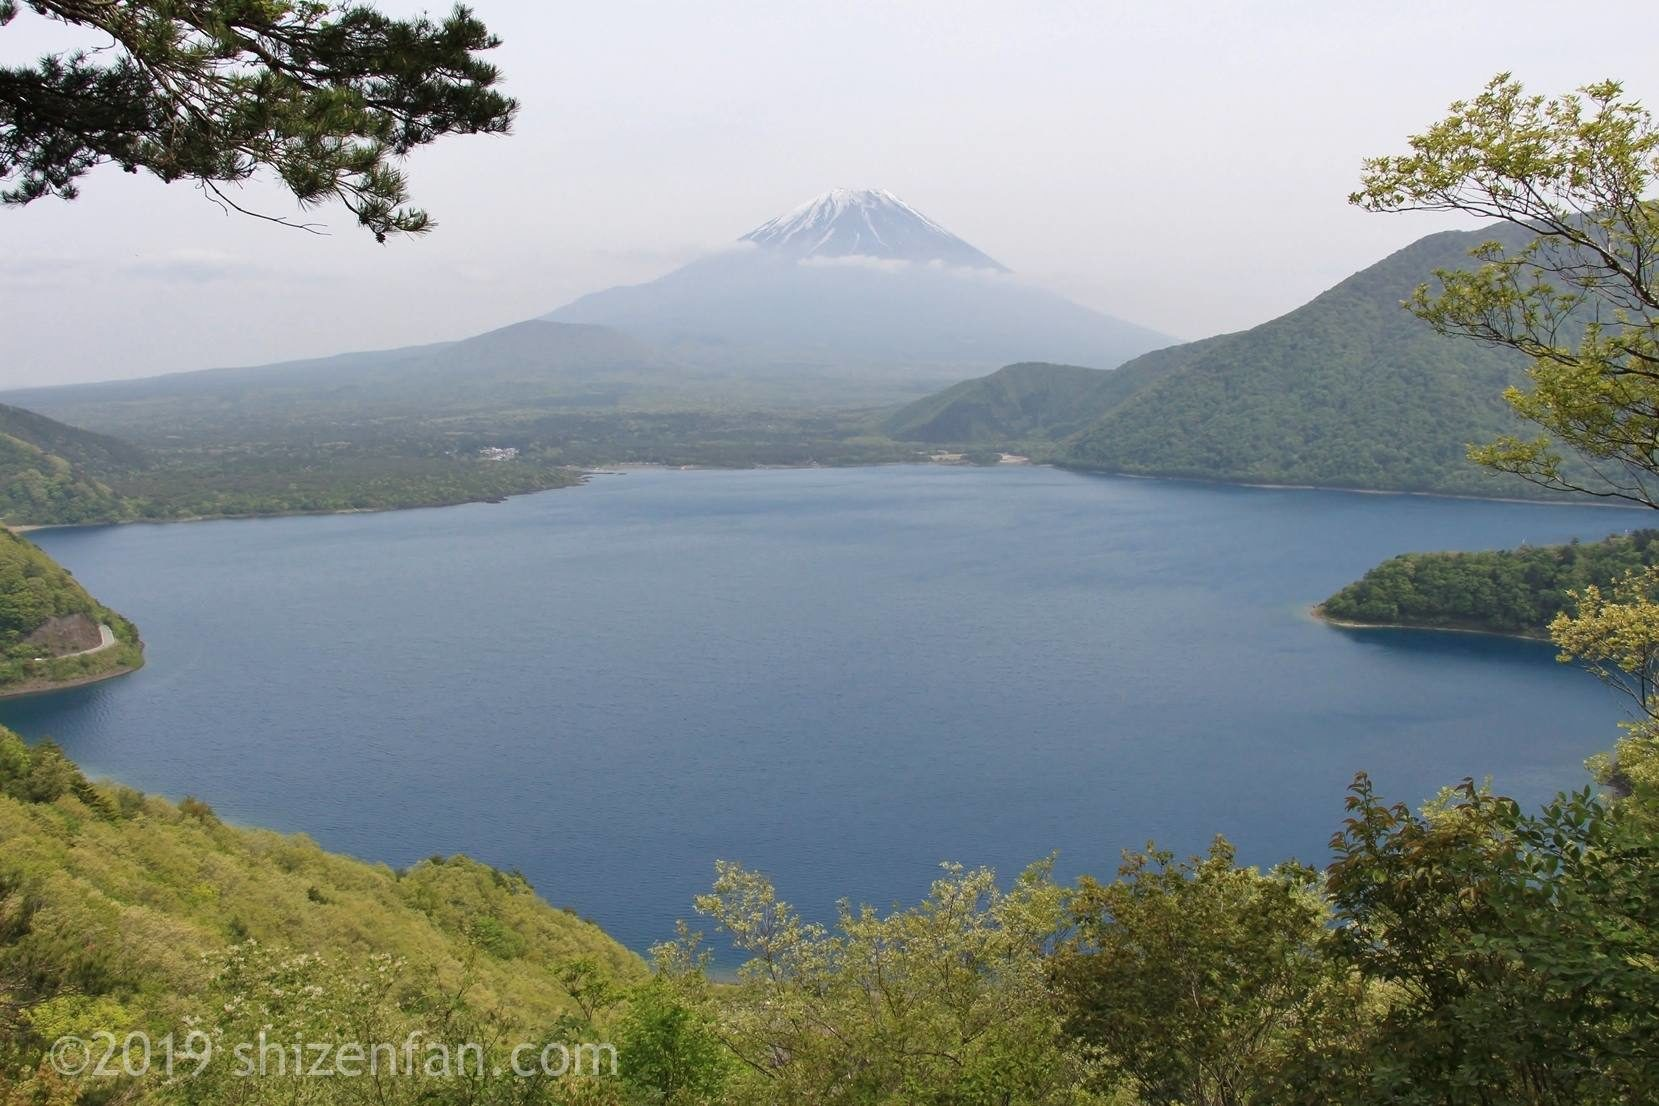 中ノ倉展望台から望む本栖湖と富士山